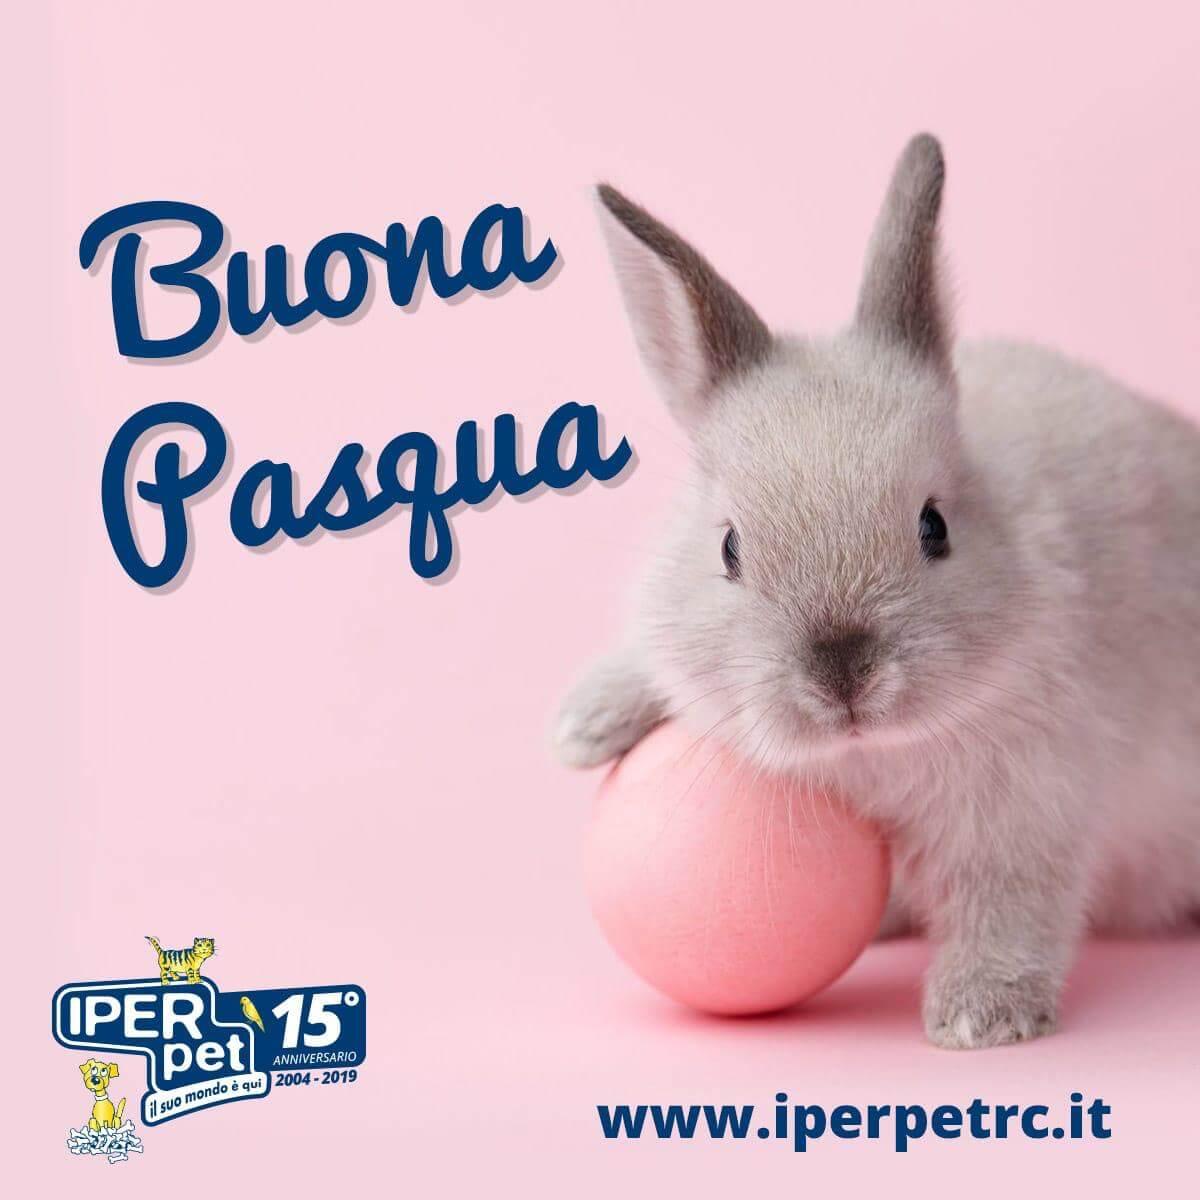 Iper Pet negozio di animali a Reggio Calabria augura buona pasqua